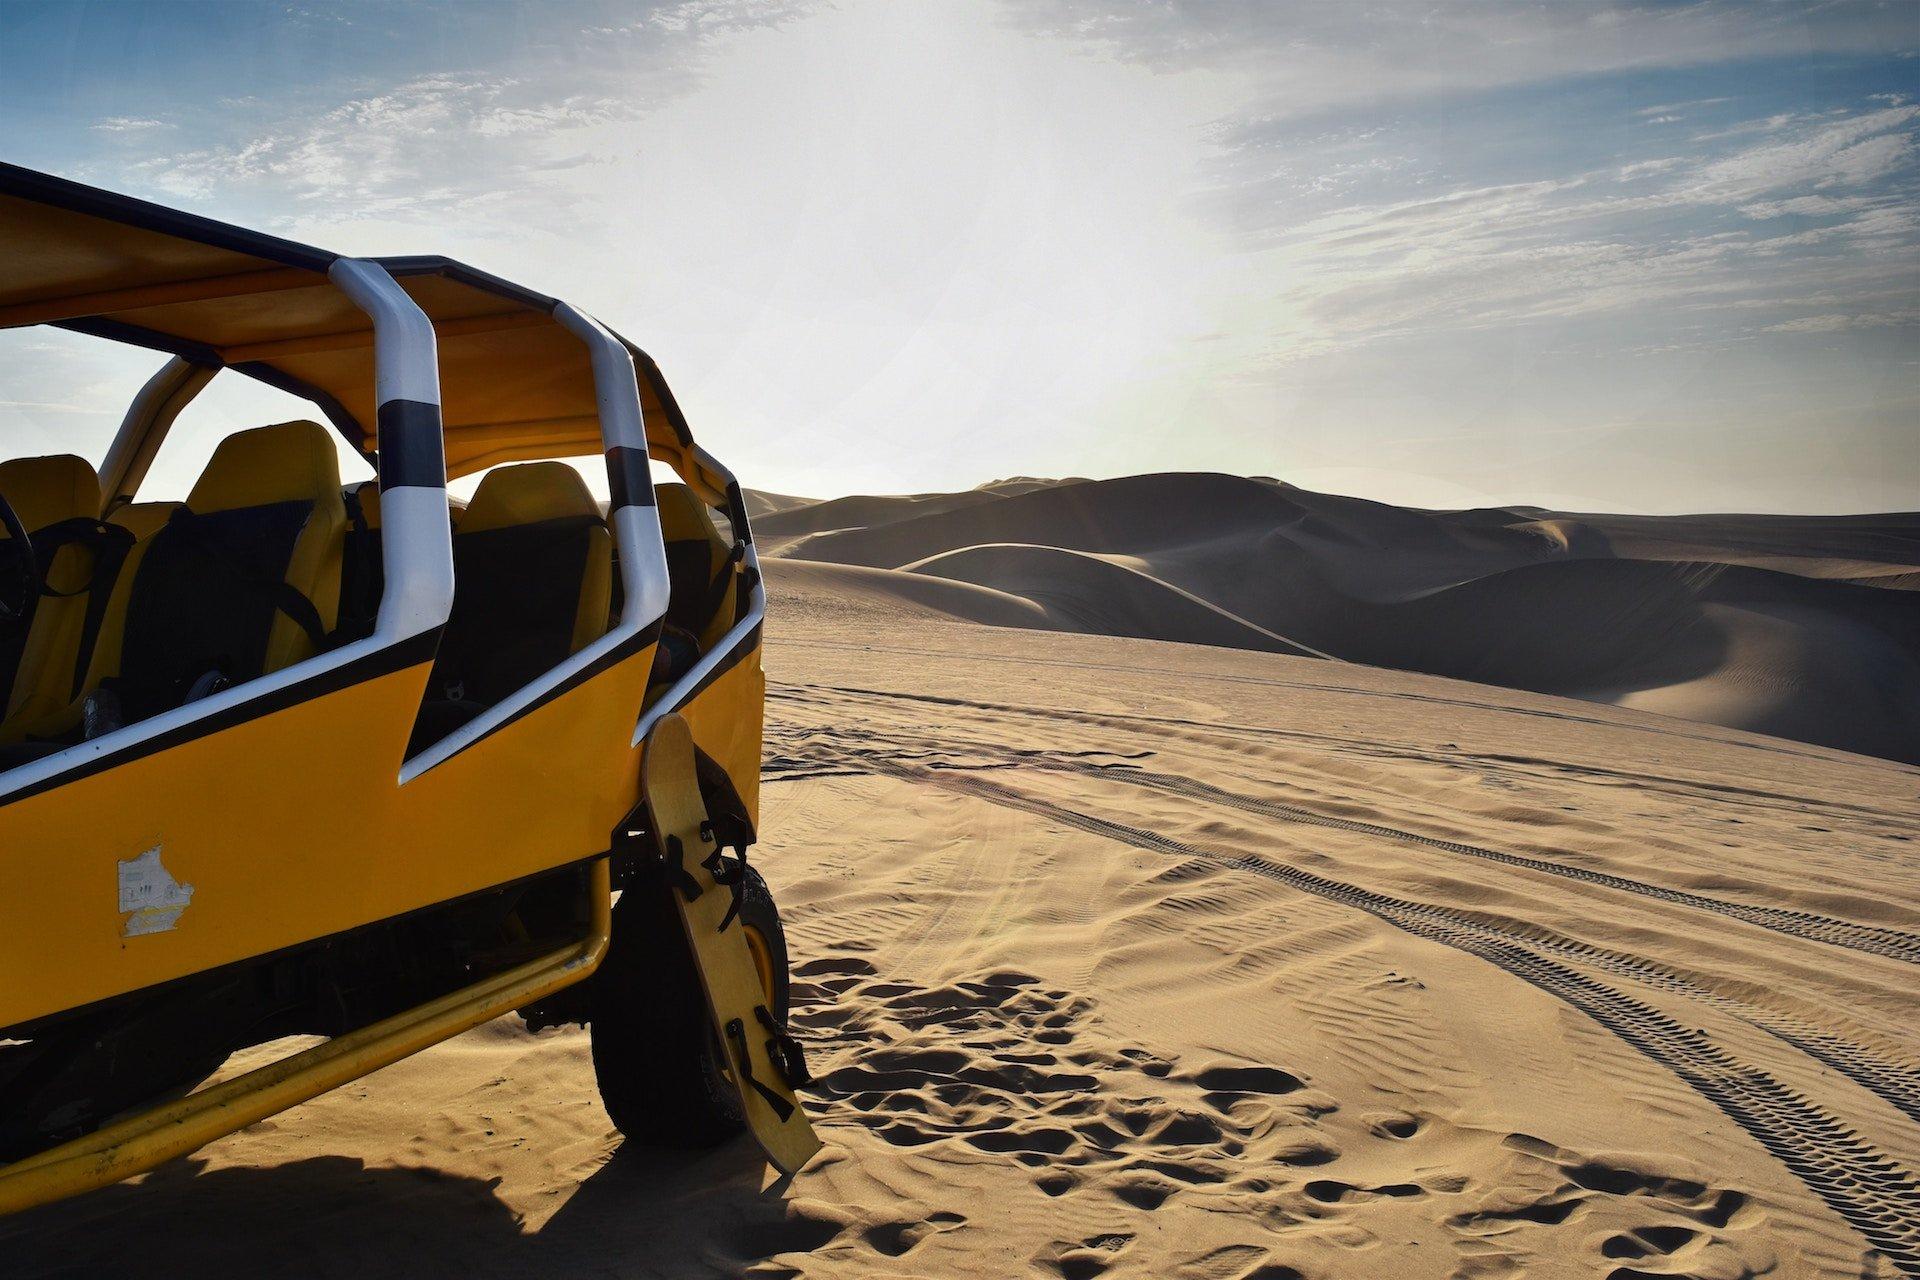 Ica-Sand-Dunes-Buggy